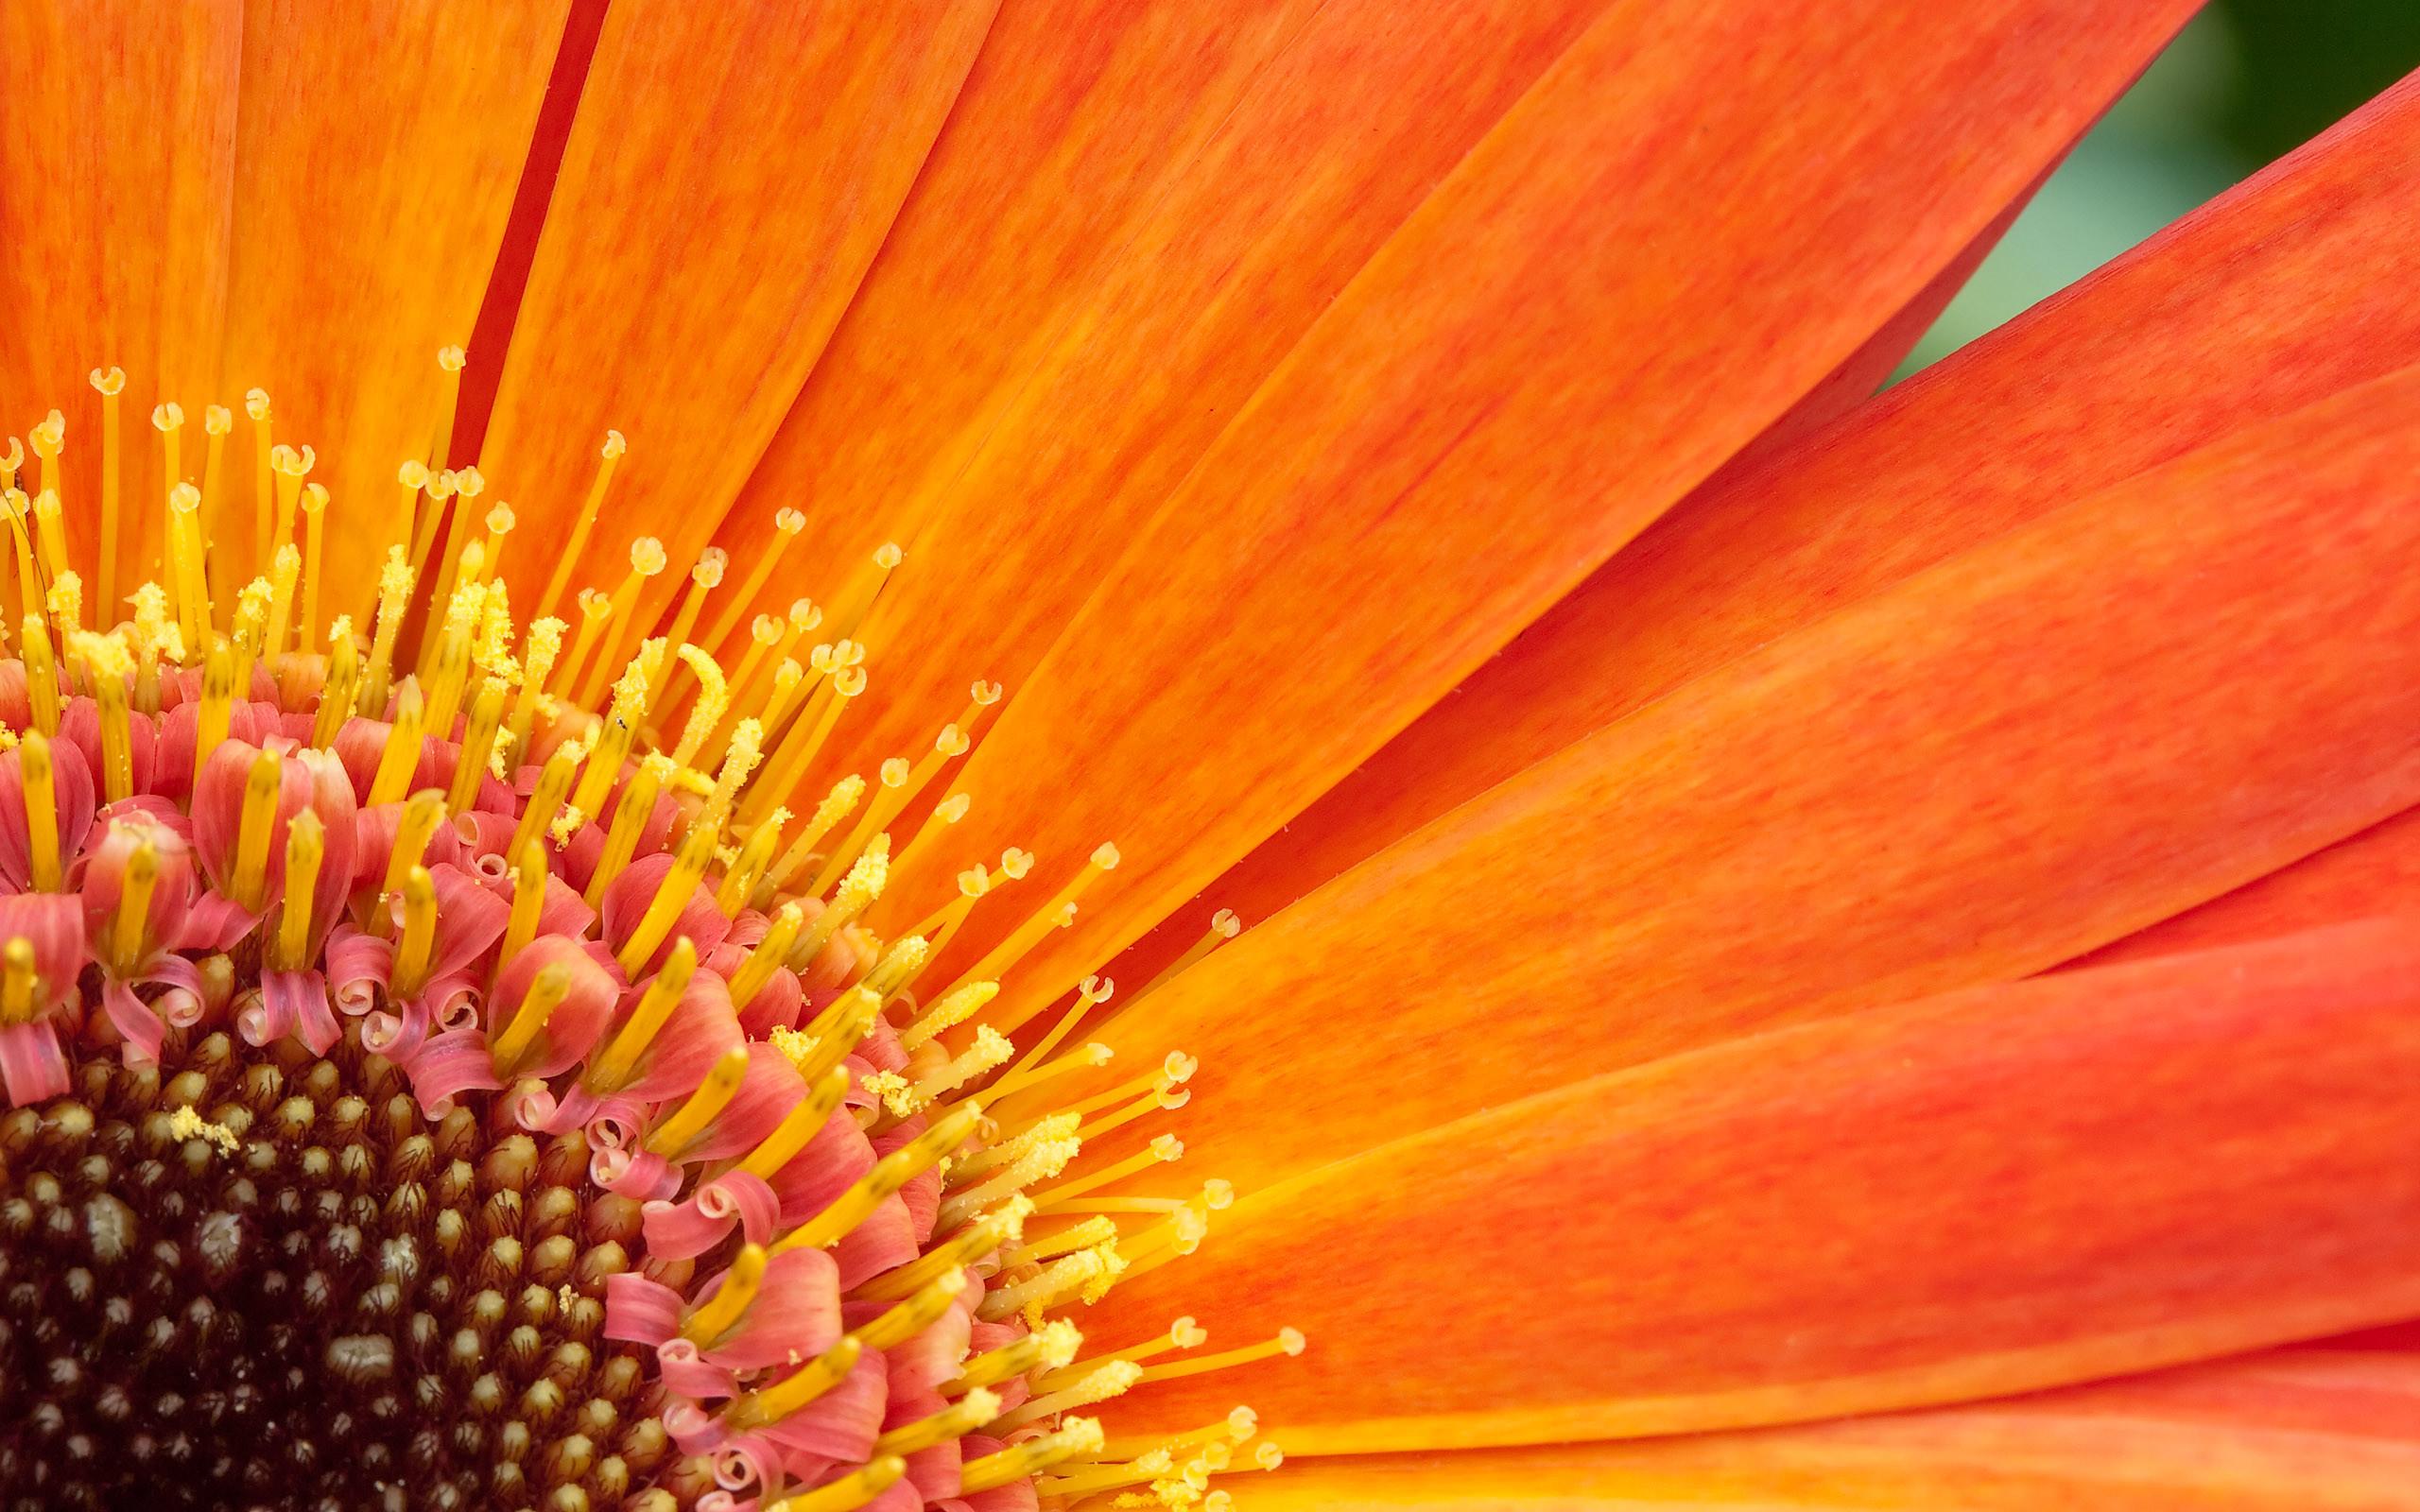 Flower Computer Wallpapers, Desktop Backgrounds | | ID .